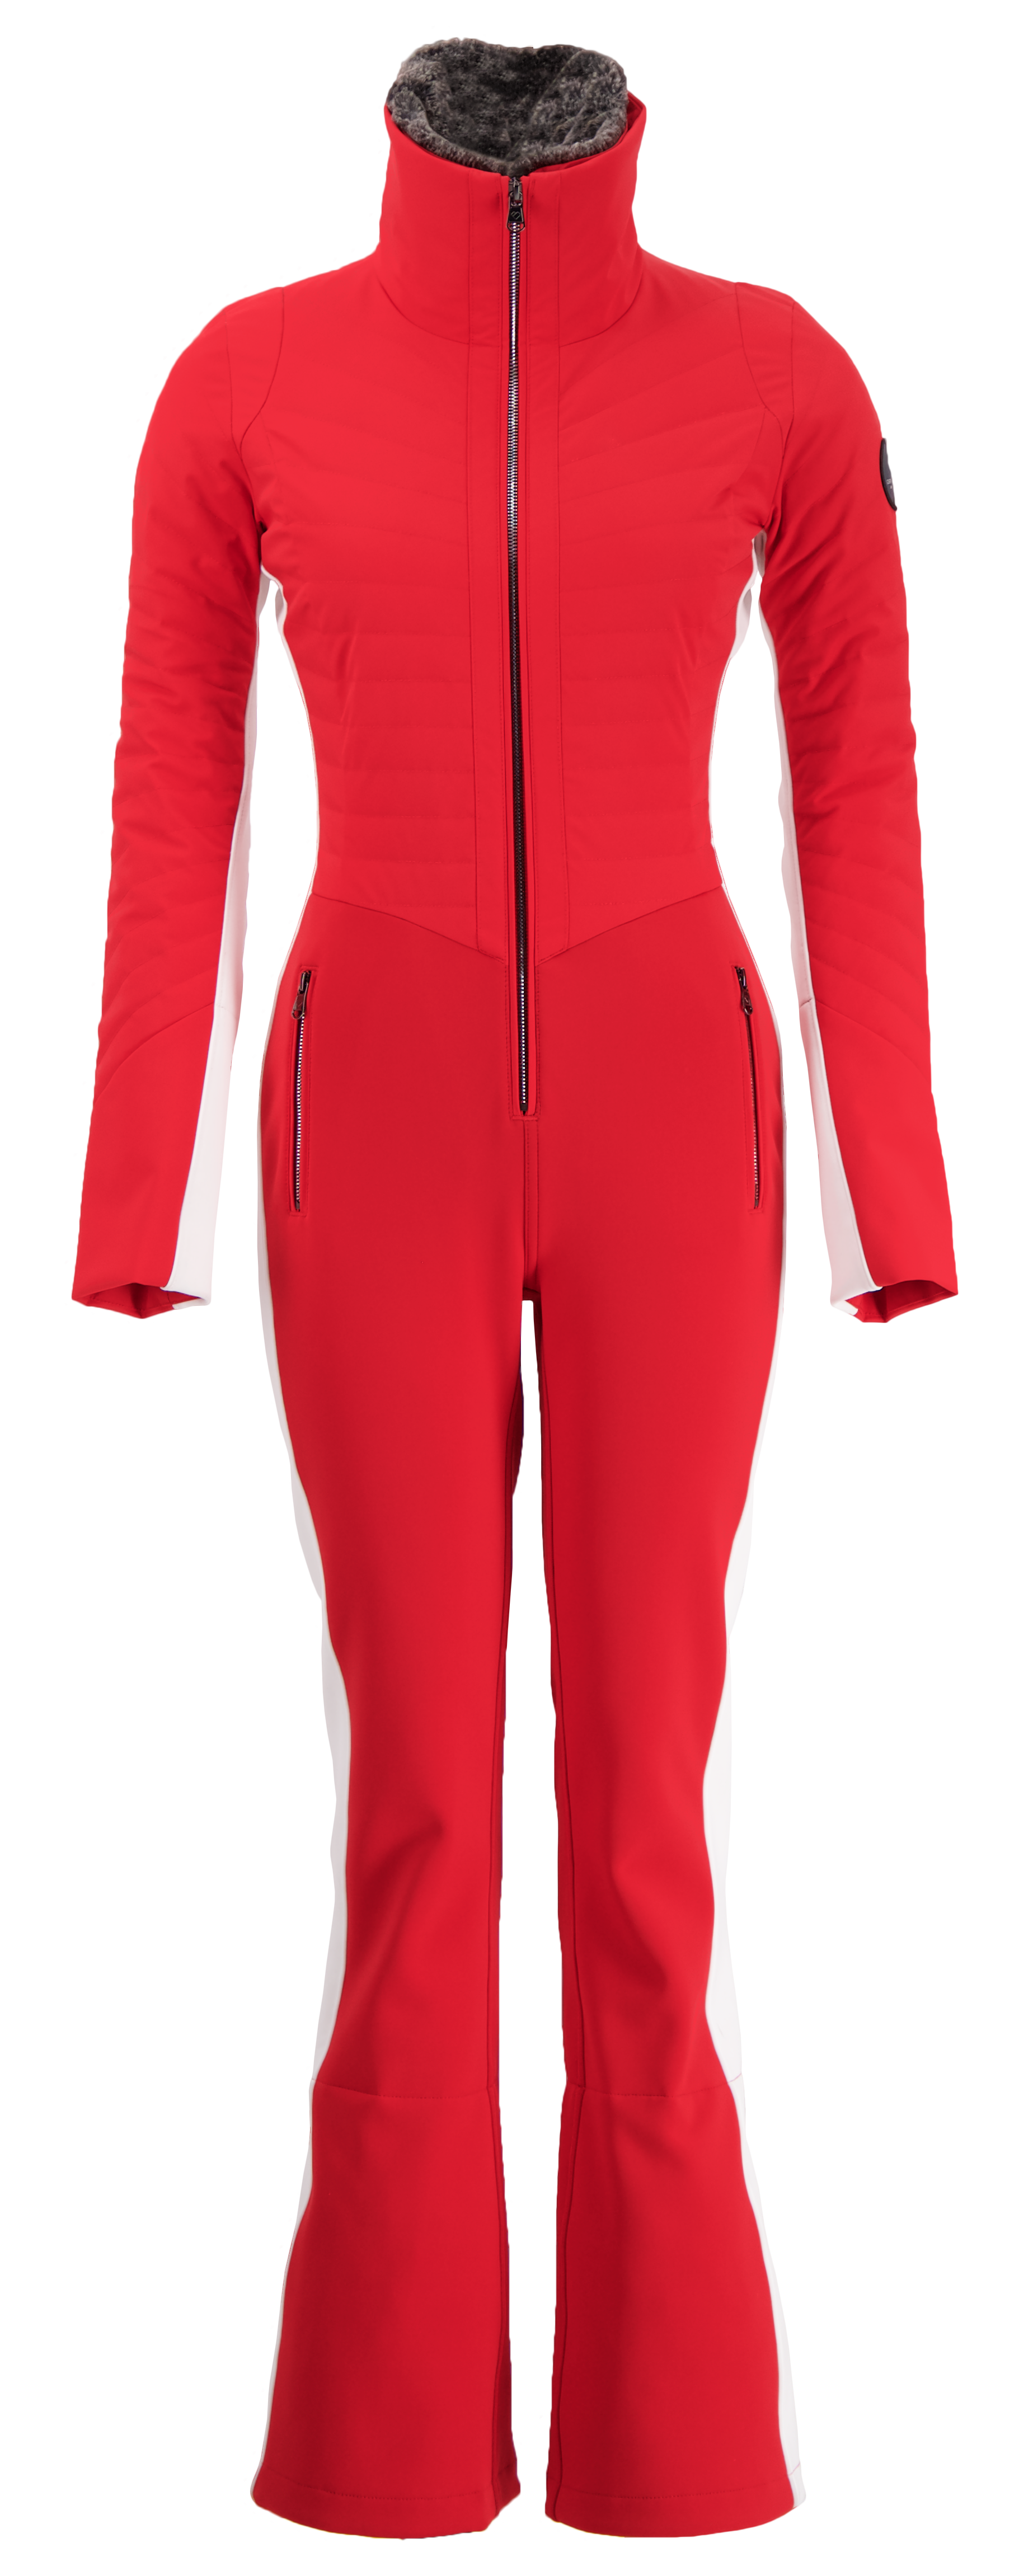 women's ski gear